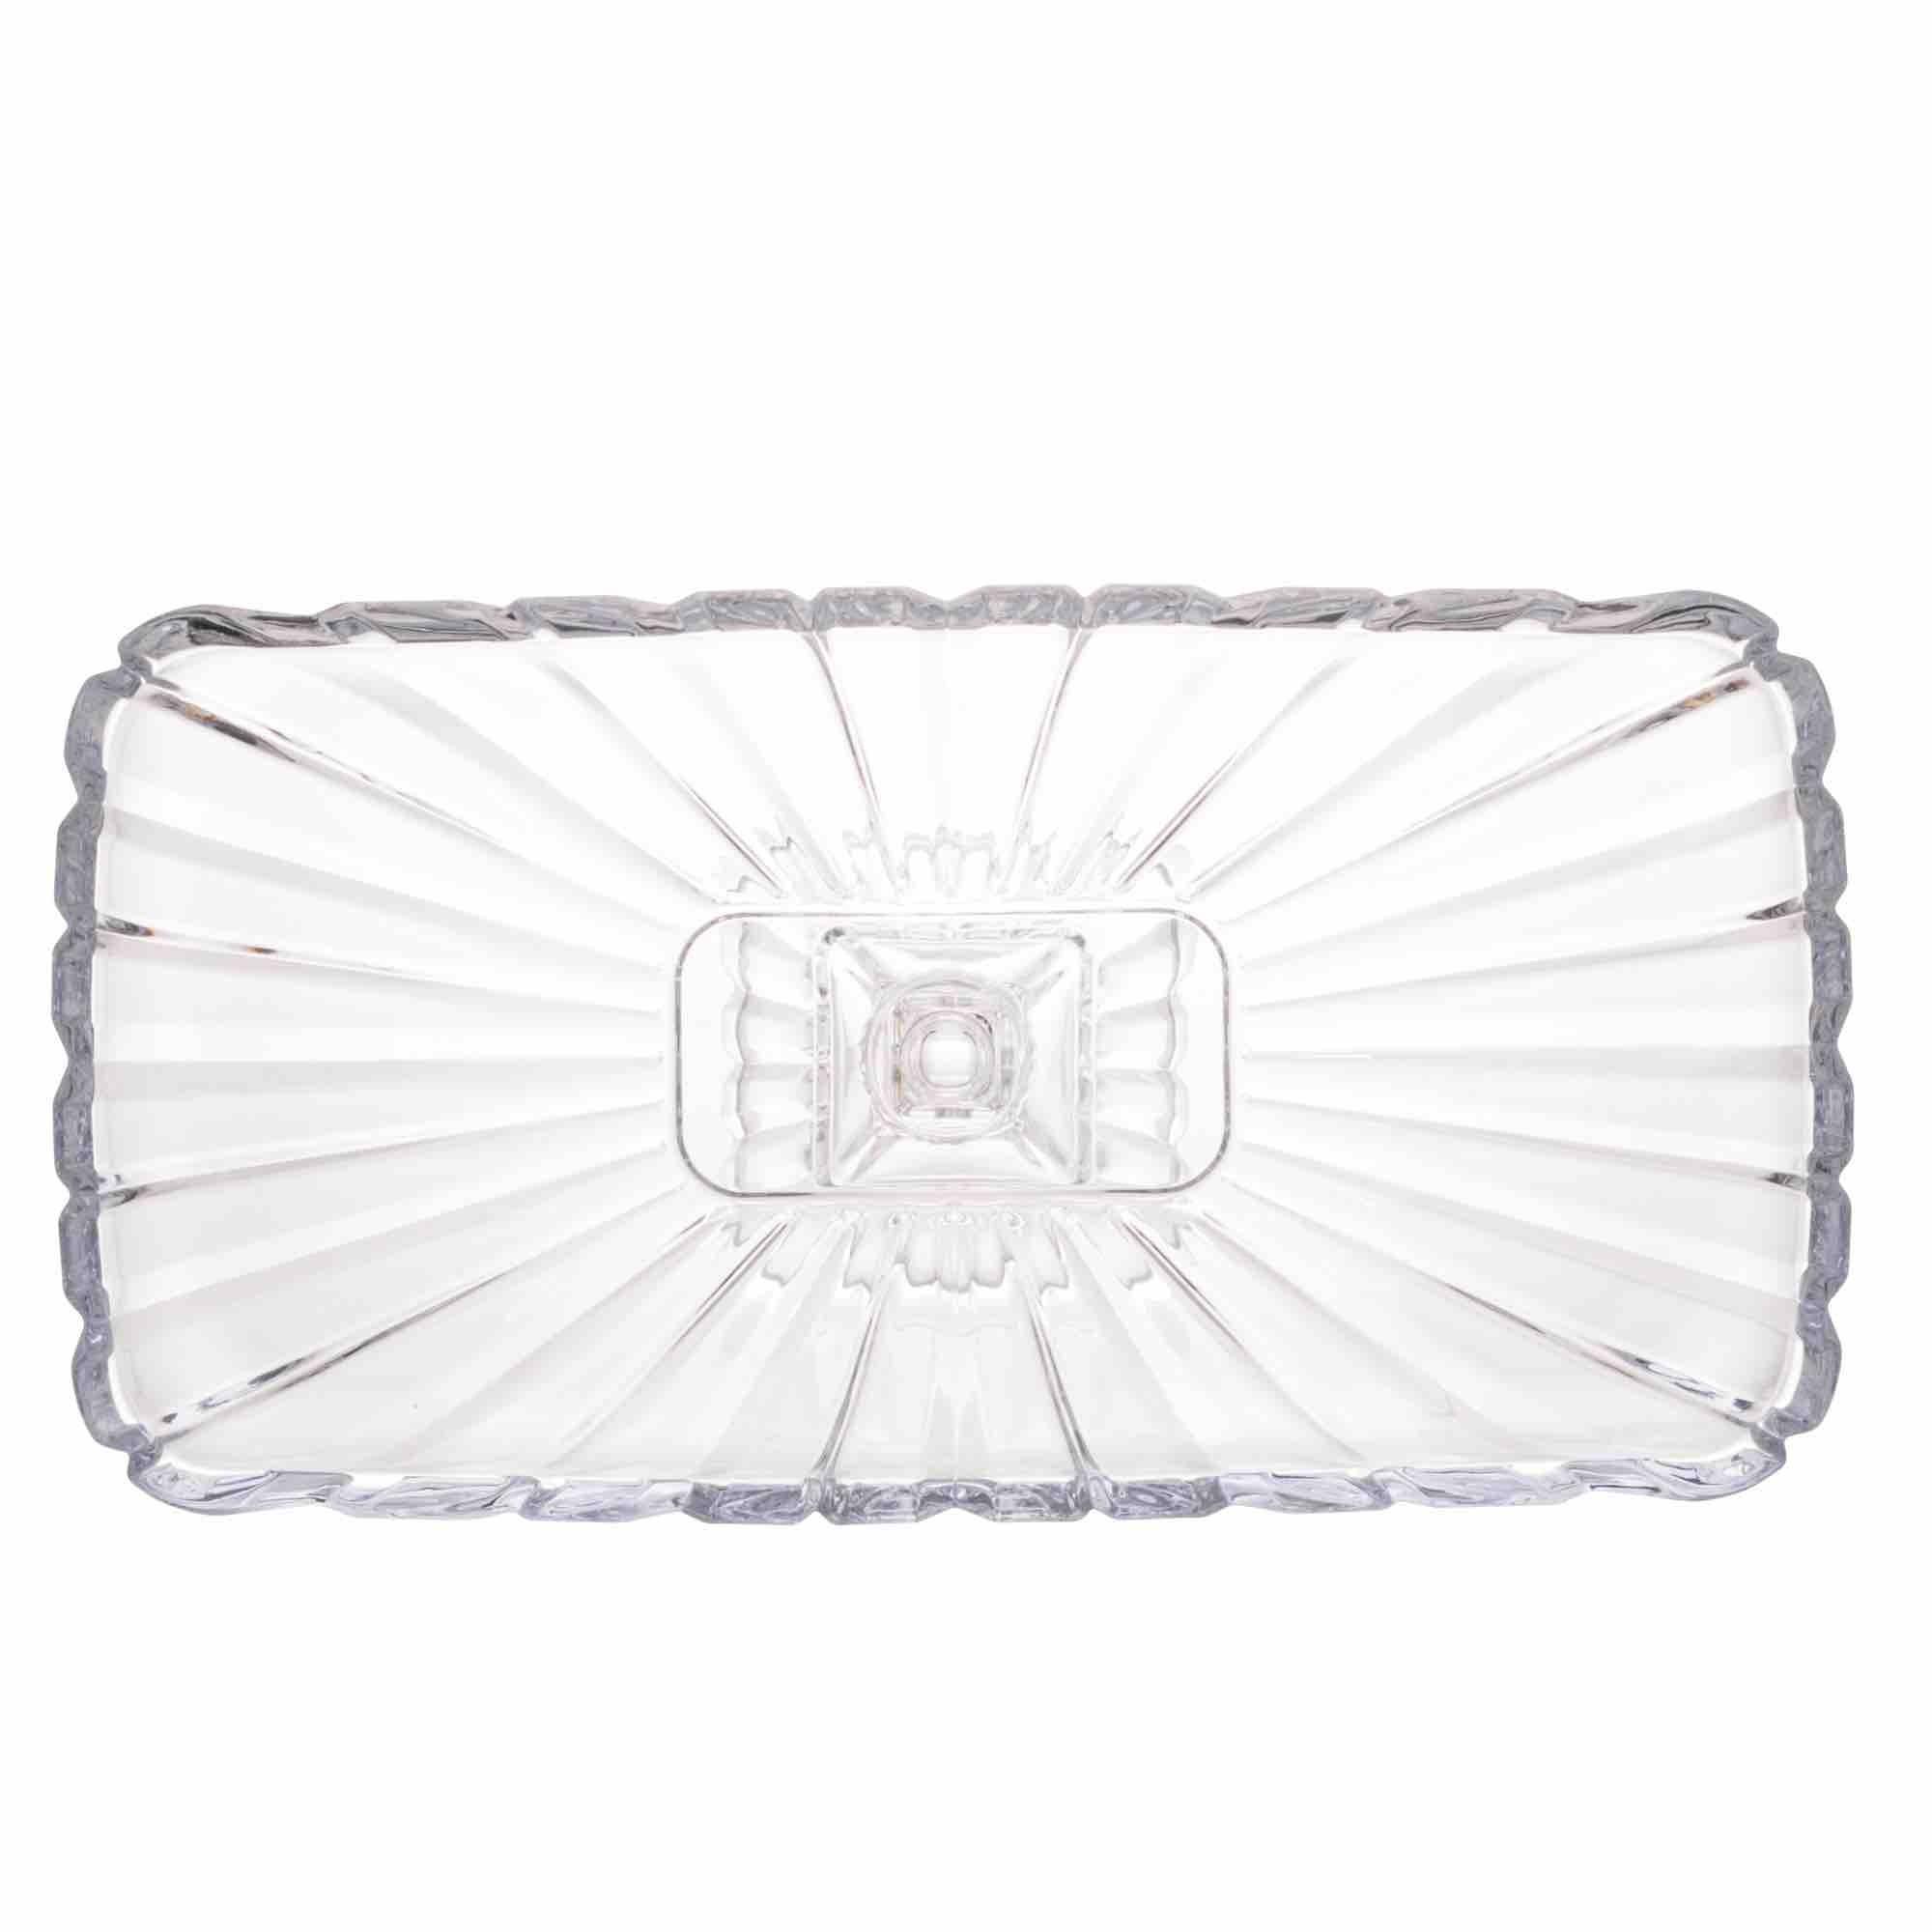 Prato para Bolo com pé de Cristal Quadratta 36,5 x 17 x 14 cm